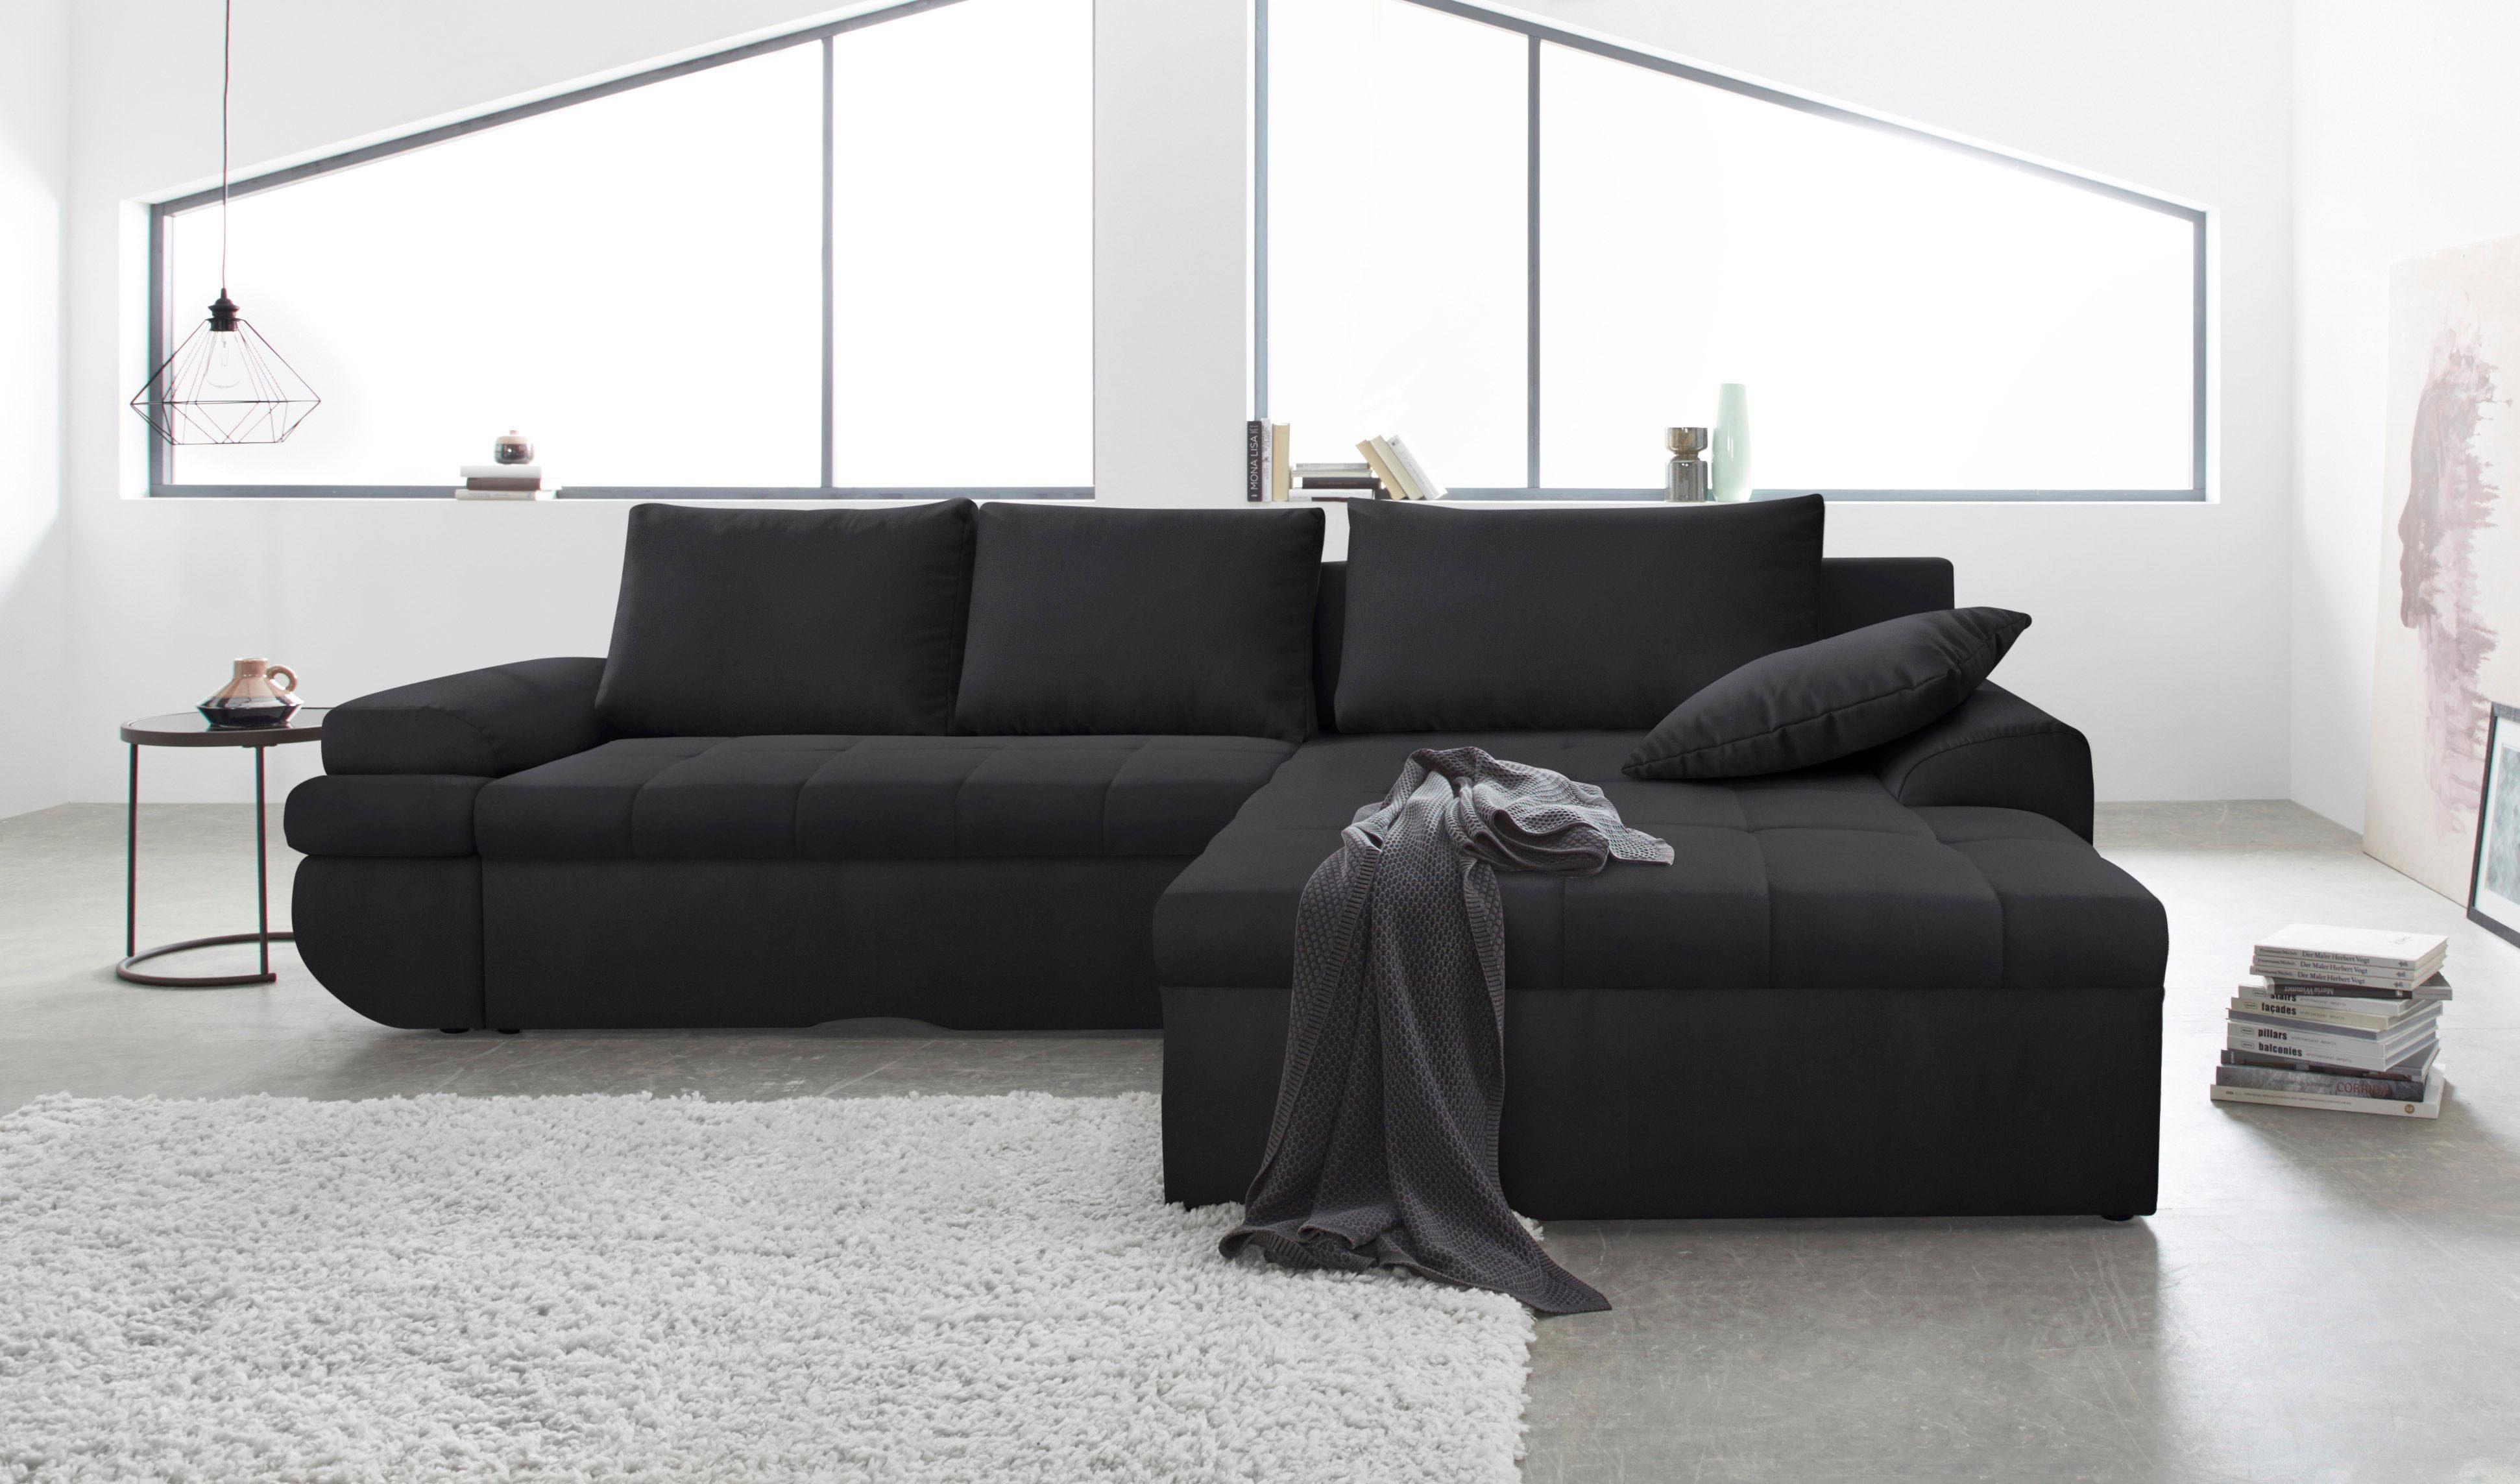 Xxl Sofa Gunstig ~ Günstige xxl sofas kaufen reduziert im sale otto